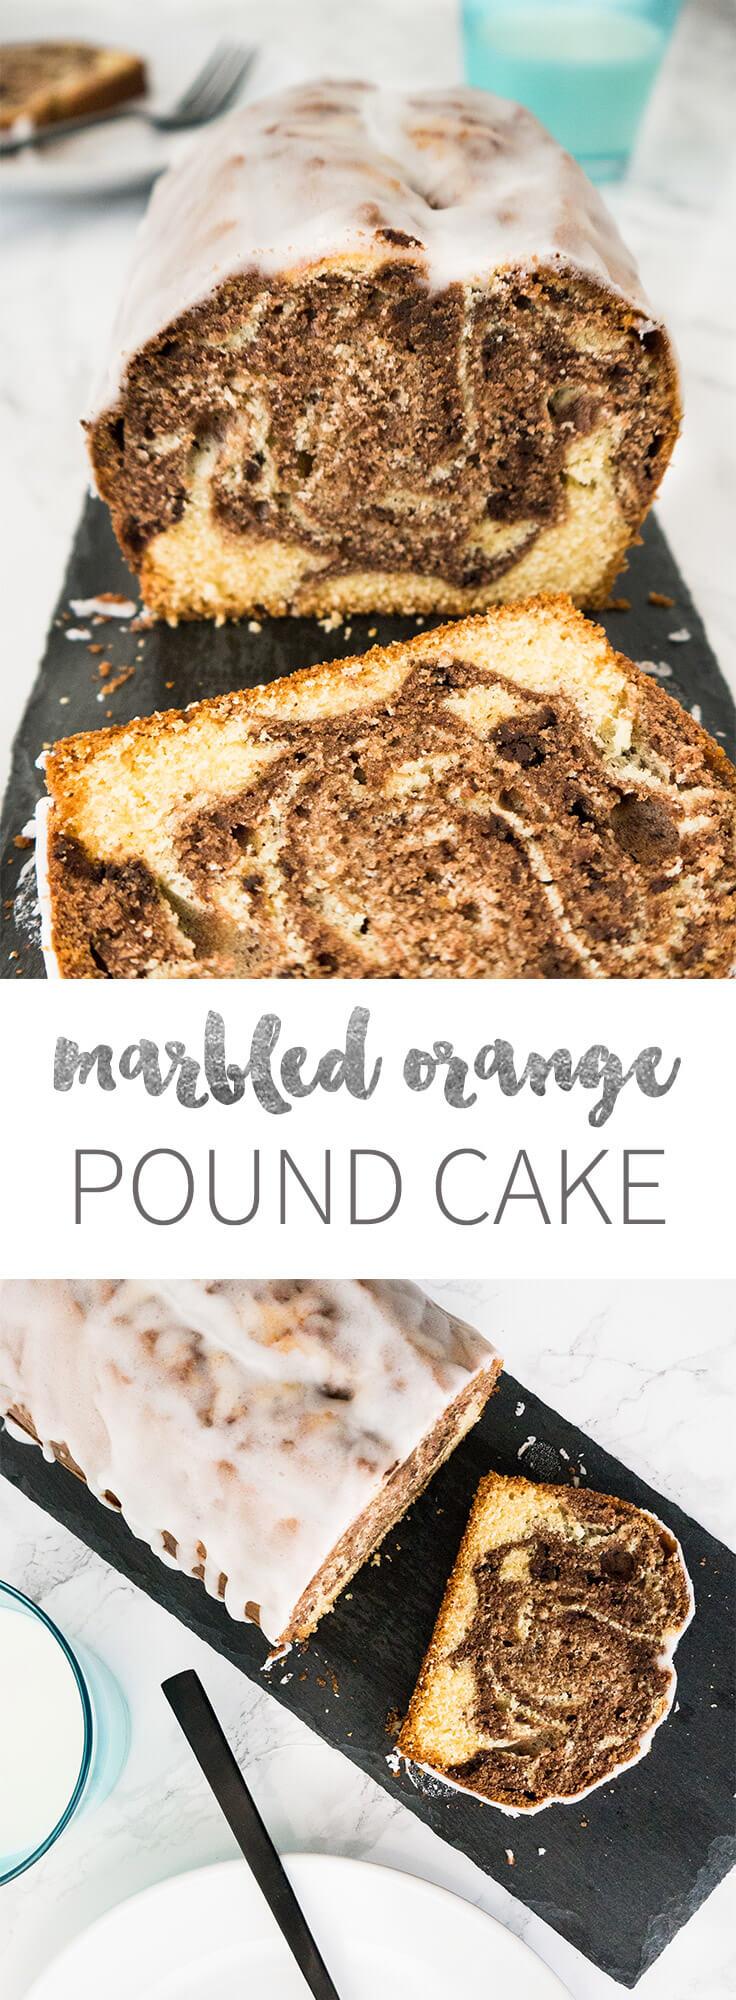 Easy Pistachio Pound Cake Recipe